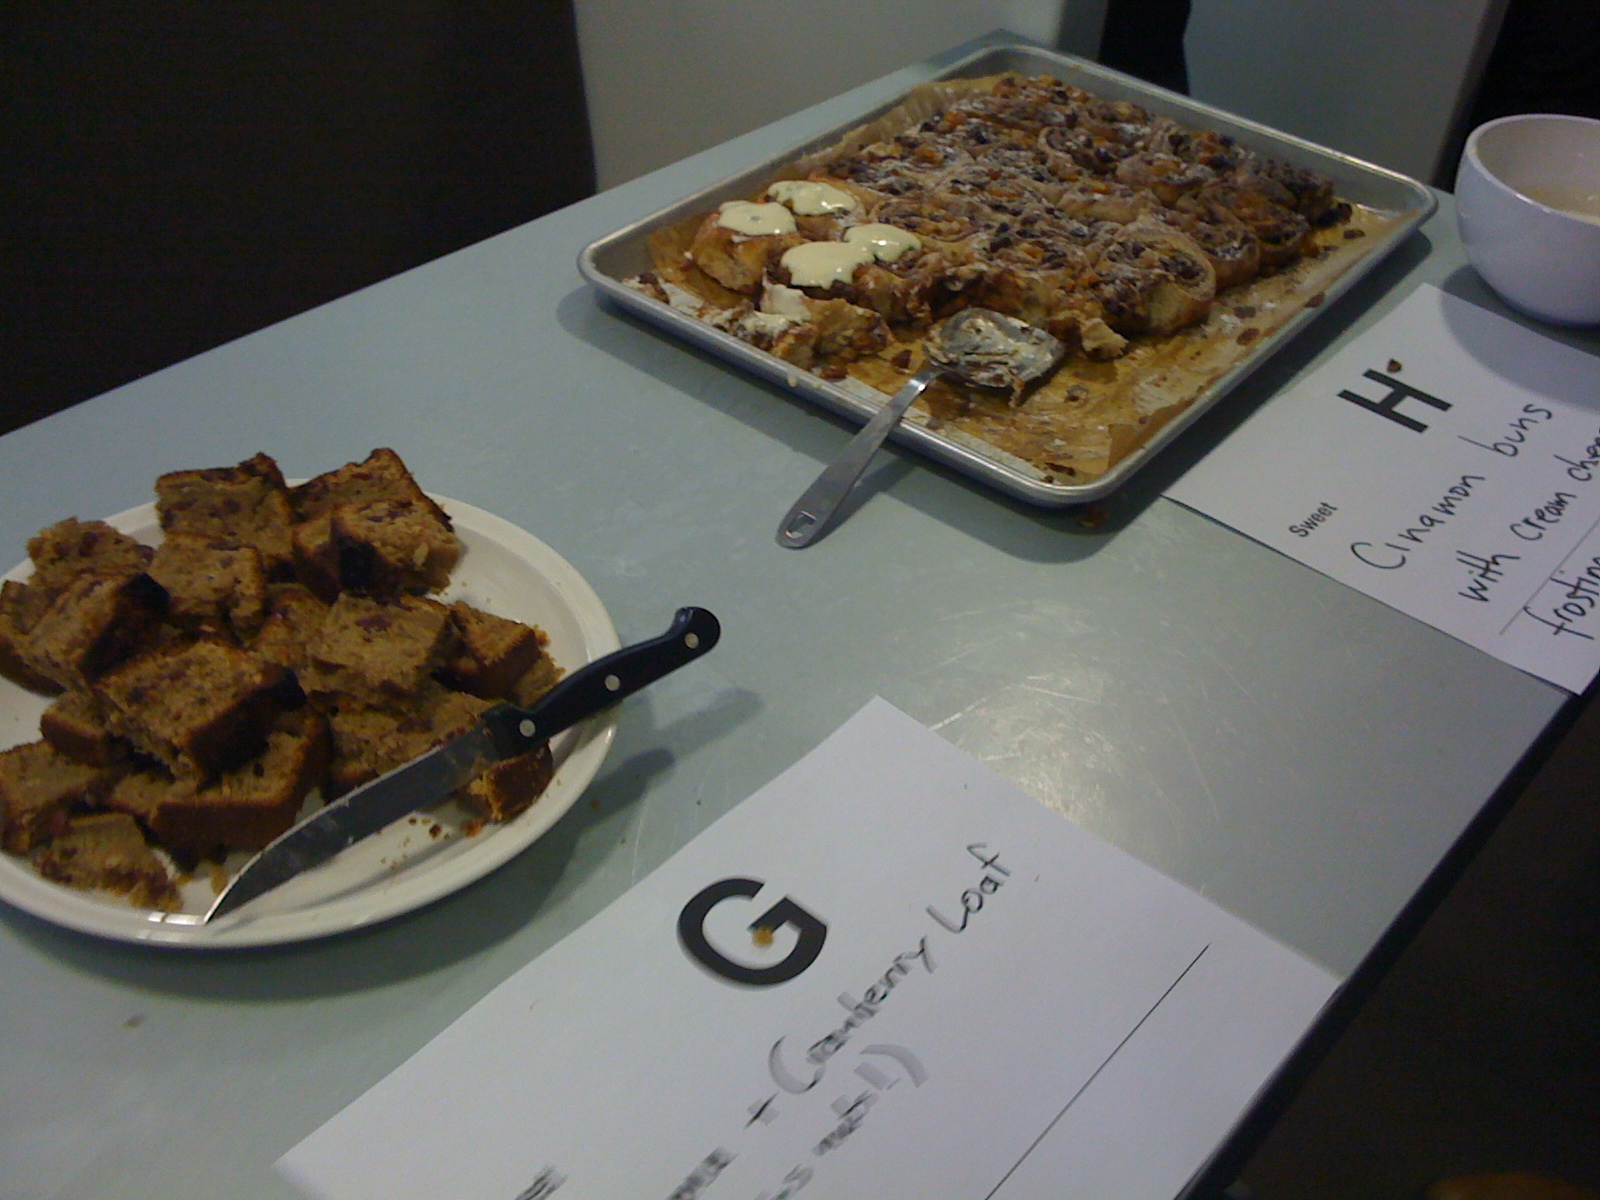 Concurso de cocina en la oficina de tripadvisor es todo - Concurso de cocina ...